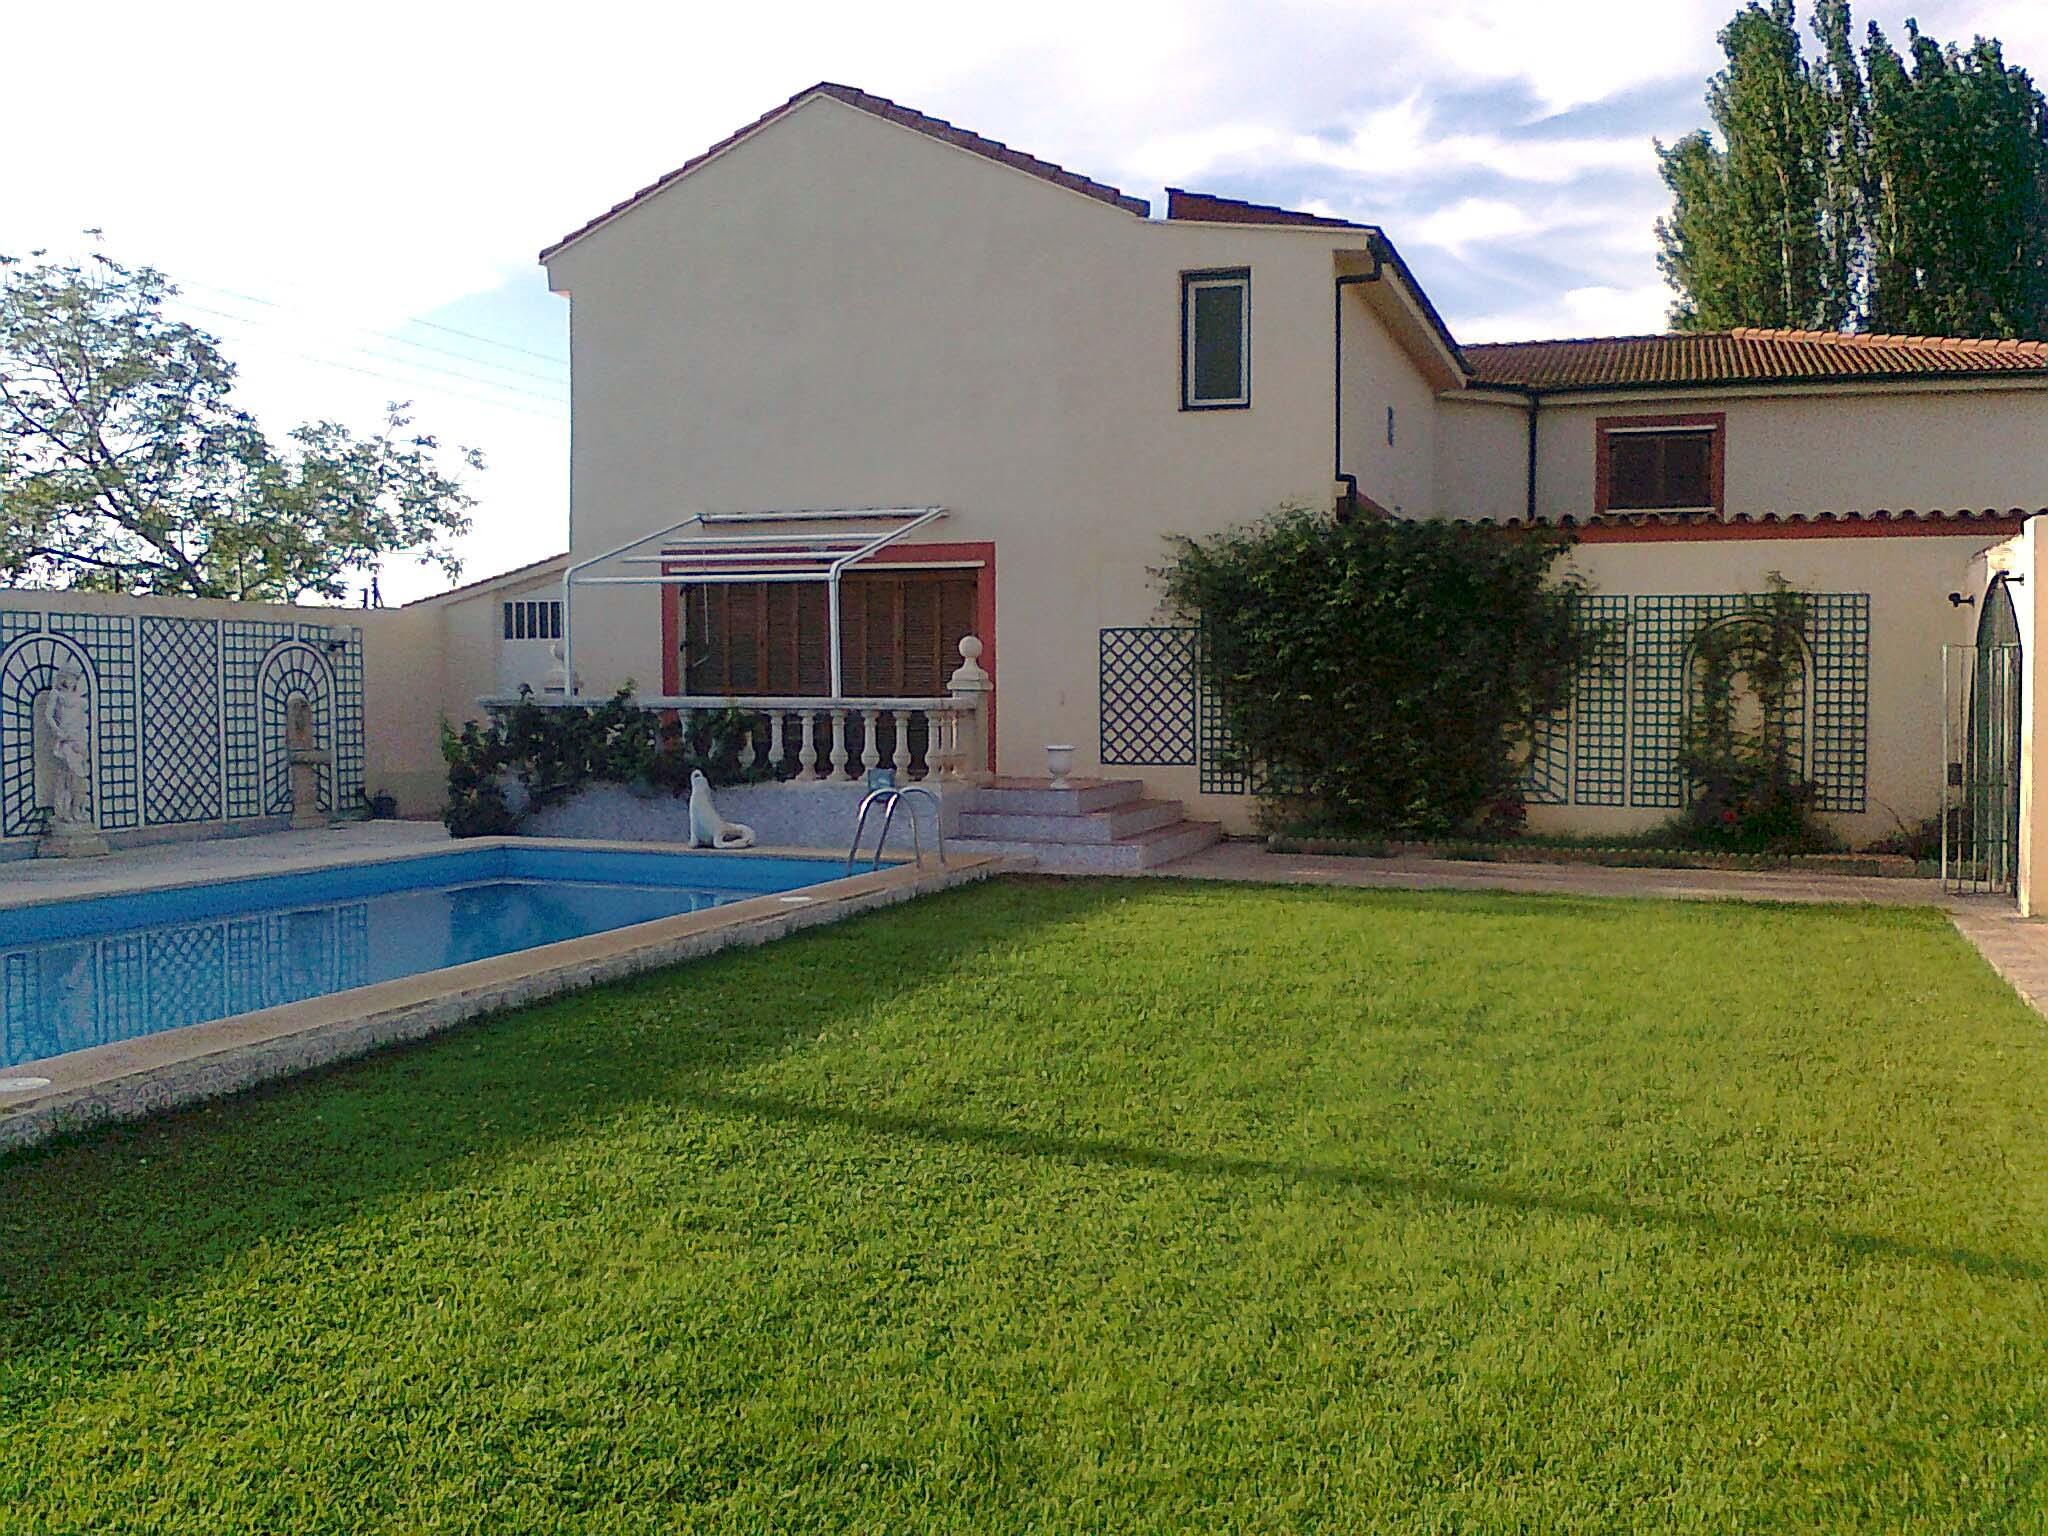 Limpieza de piscinas en zaragoza cangurin for Piscinas climatizadas zaragoza